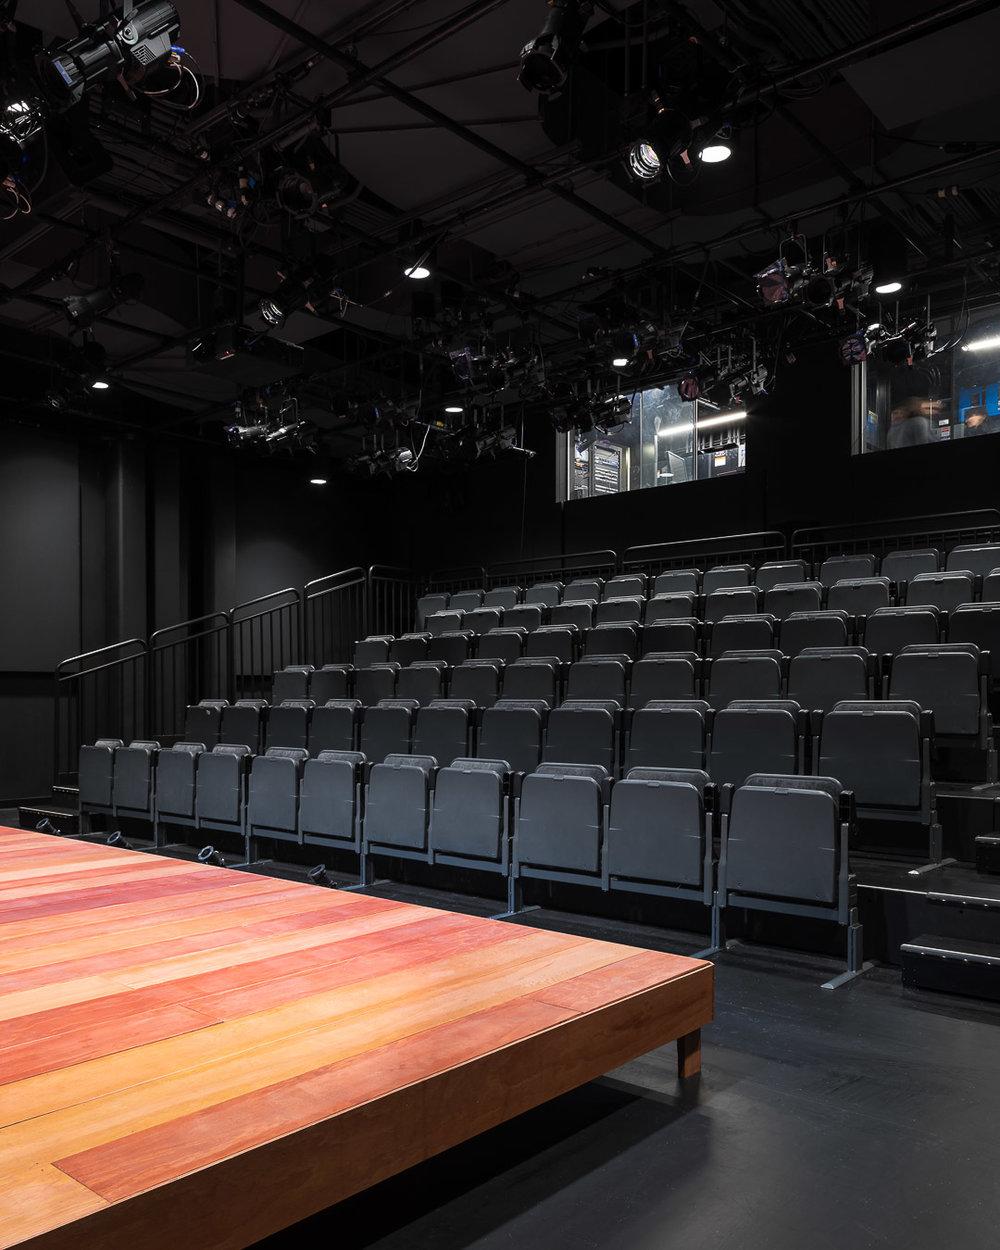 052-Zeidler Ryerson School of Performance-Edit.jpg